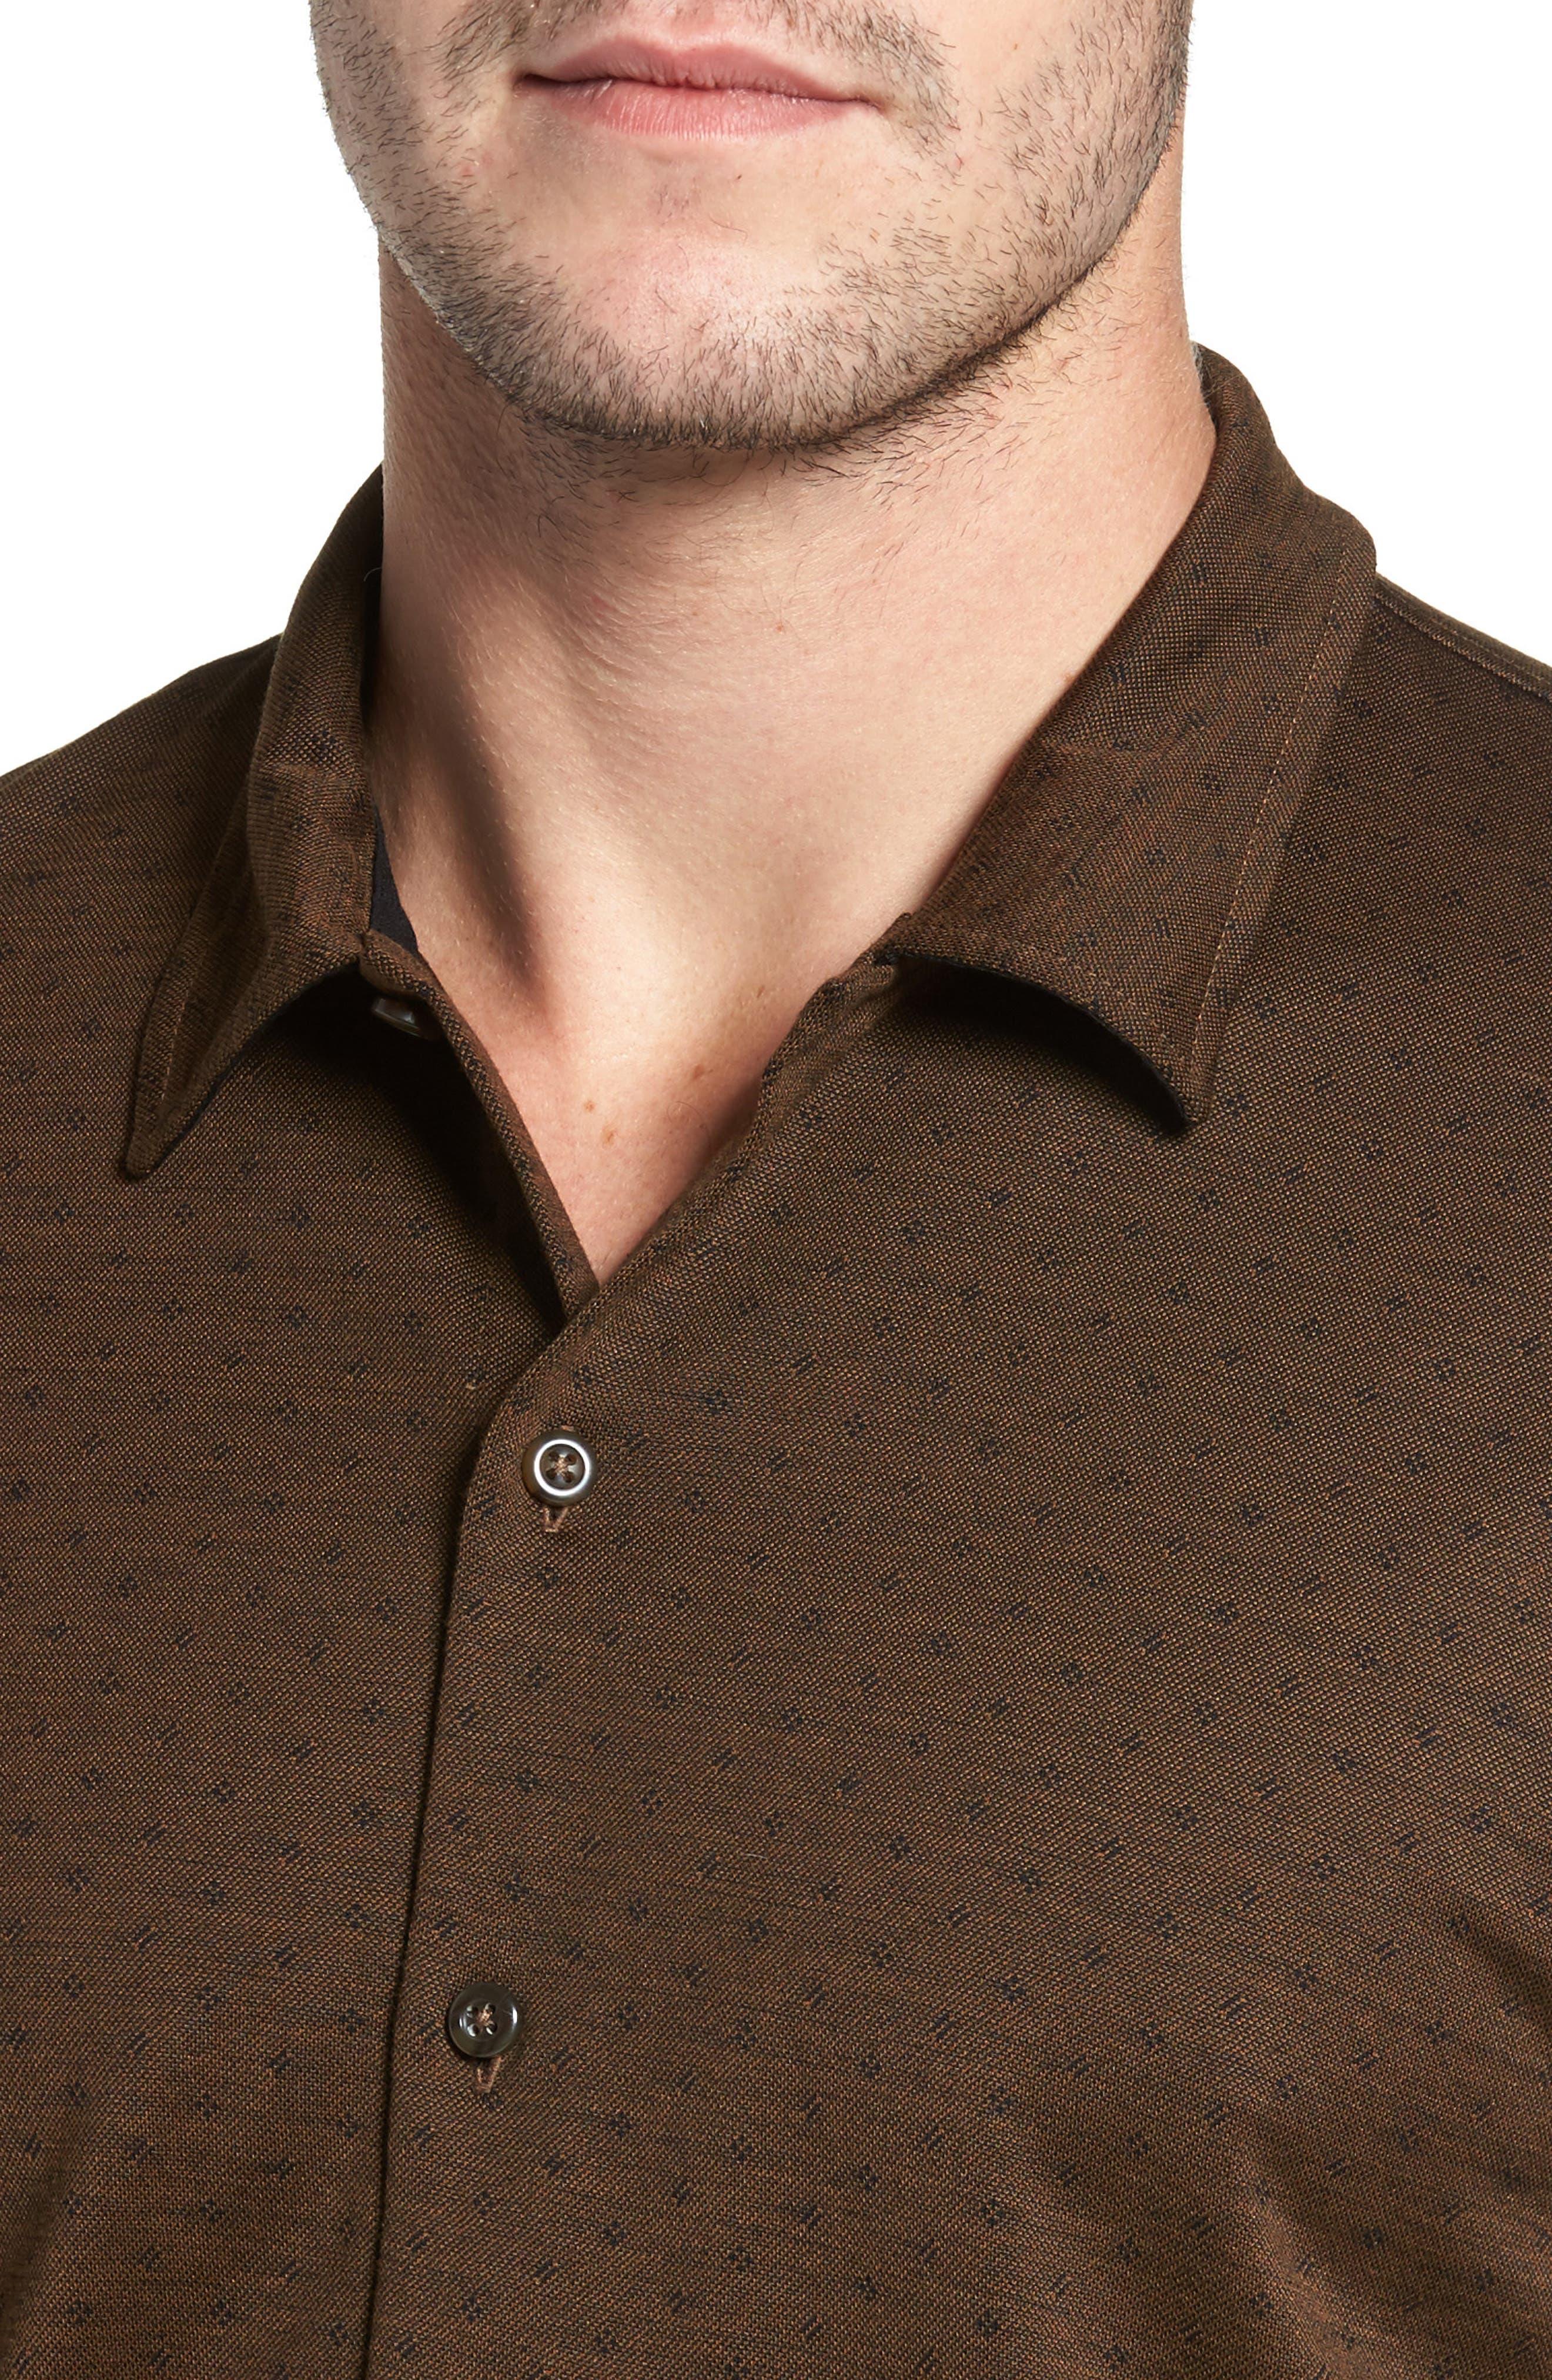 Jacquard Knit Sport Shirt,                             Alternate thumbnail 14, color,